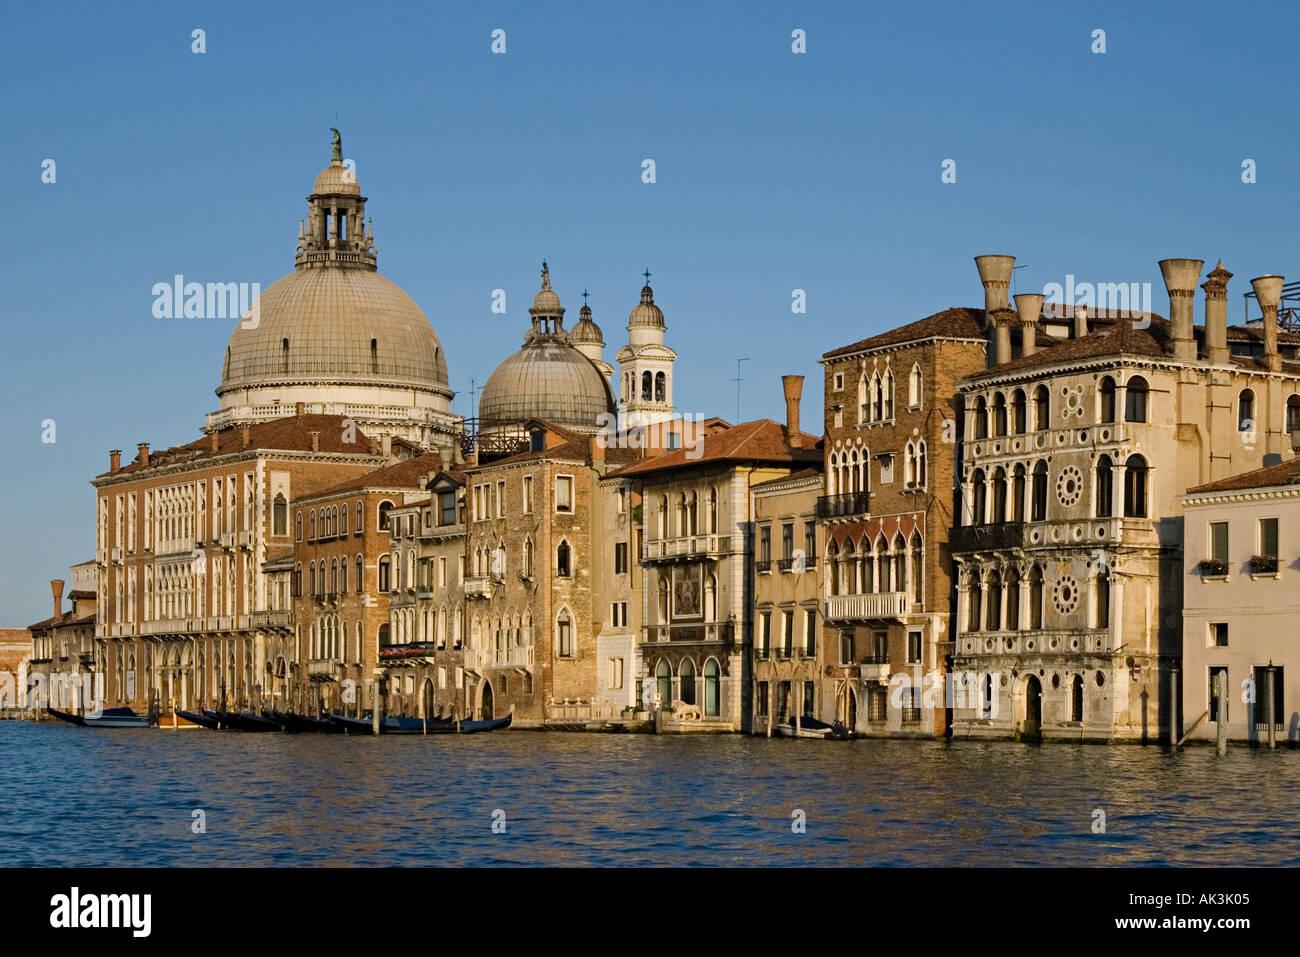 Santa Maria della Salute and Palazzi along the Grand Canal near the Accademia bridge Venice 2005 - Stock Image